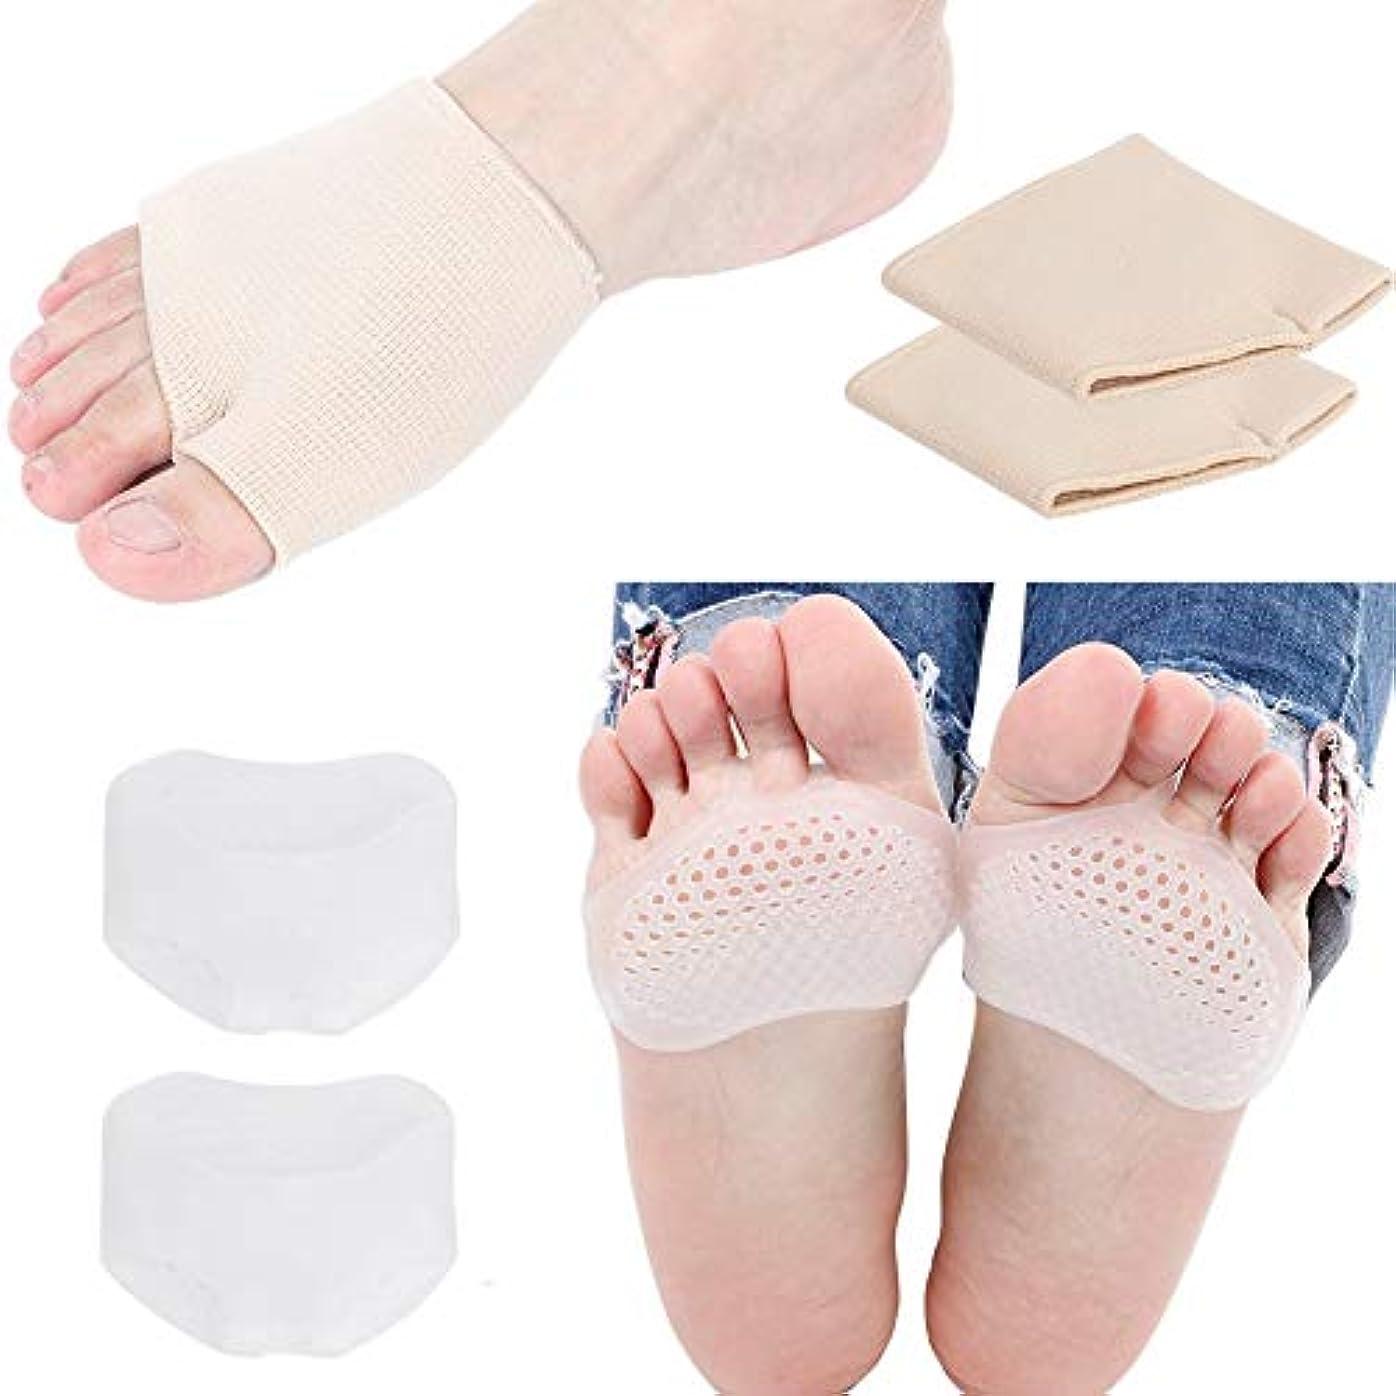 チャンピオンロープ歪めるフットパッド、フォアフットクッション、ハイヒールクッション滑り止めシリコンヒールクッションヒールホルダーフォアフットクッションベールパッドヒールライナー足の痛みのためのジェルパッド靴の大きさを向上させる